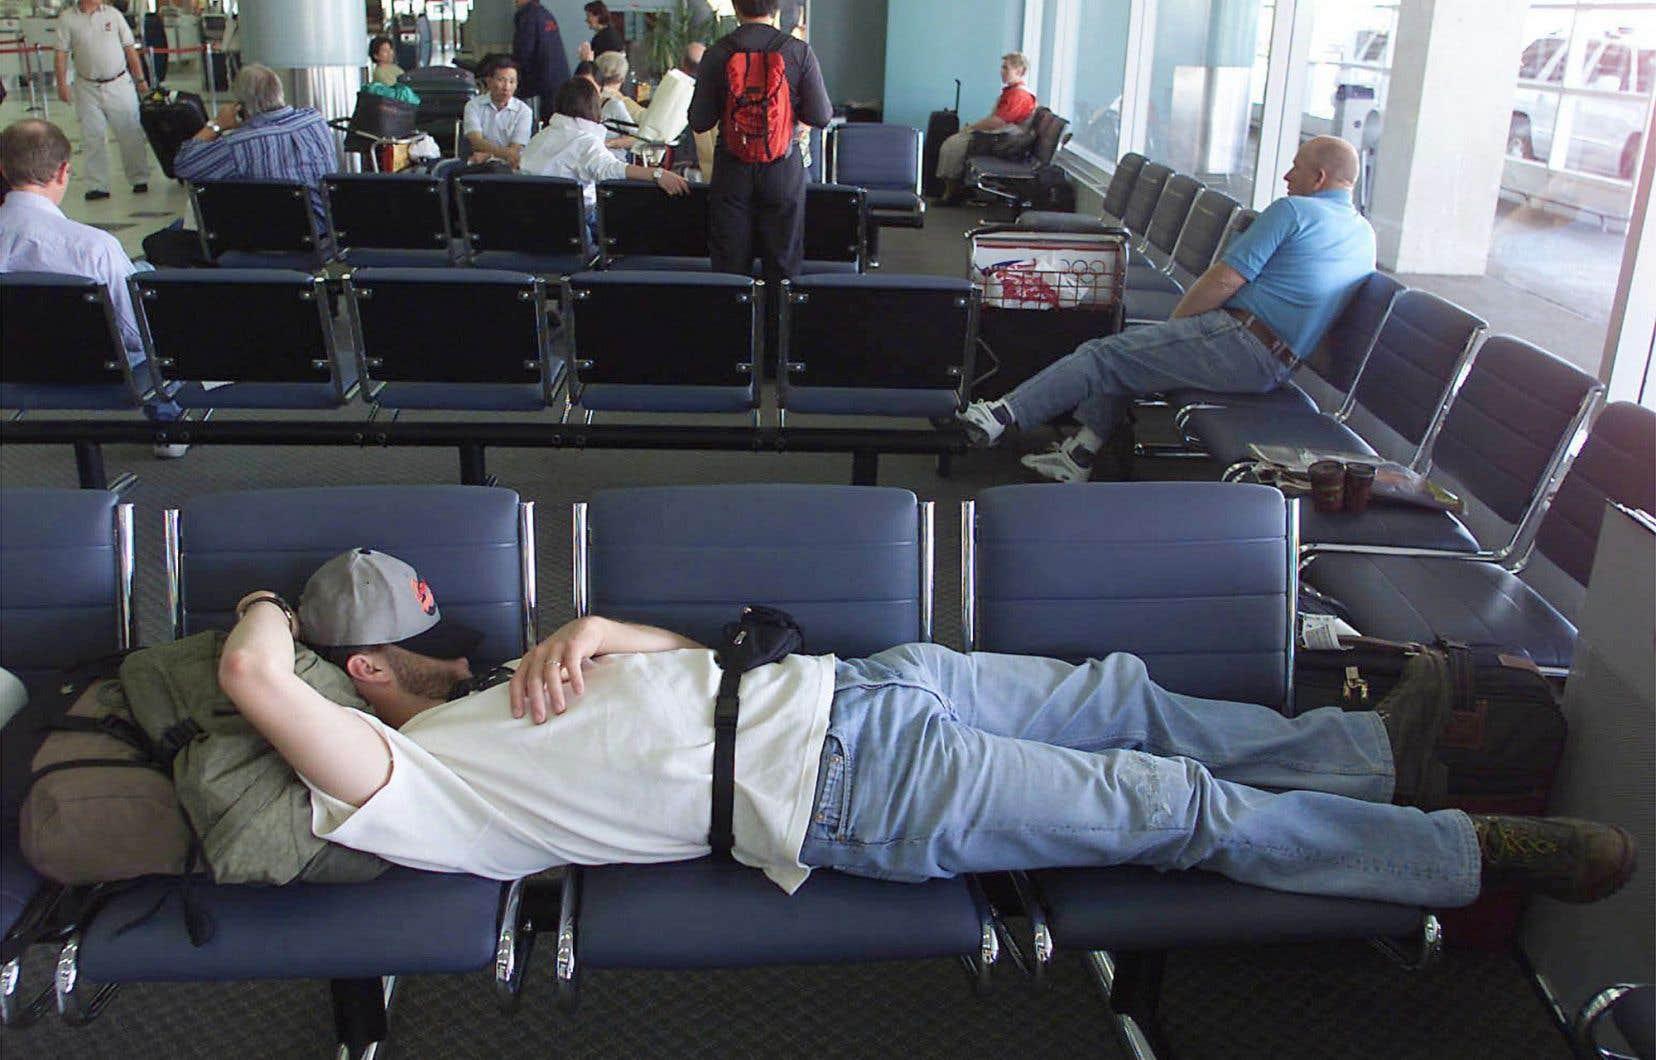 Le projet de loi C-49 place sur les épaules des transporteurs la responsabilité de dédommager les passagers en cas de retard ou d'annulation des vols, par exemple.